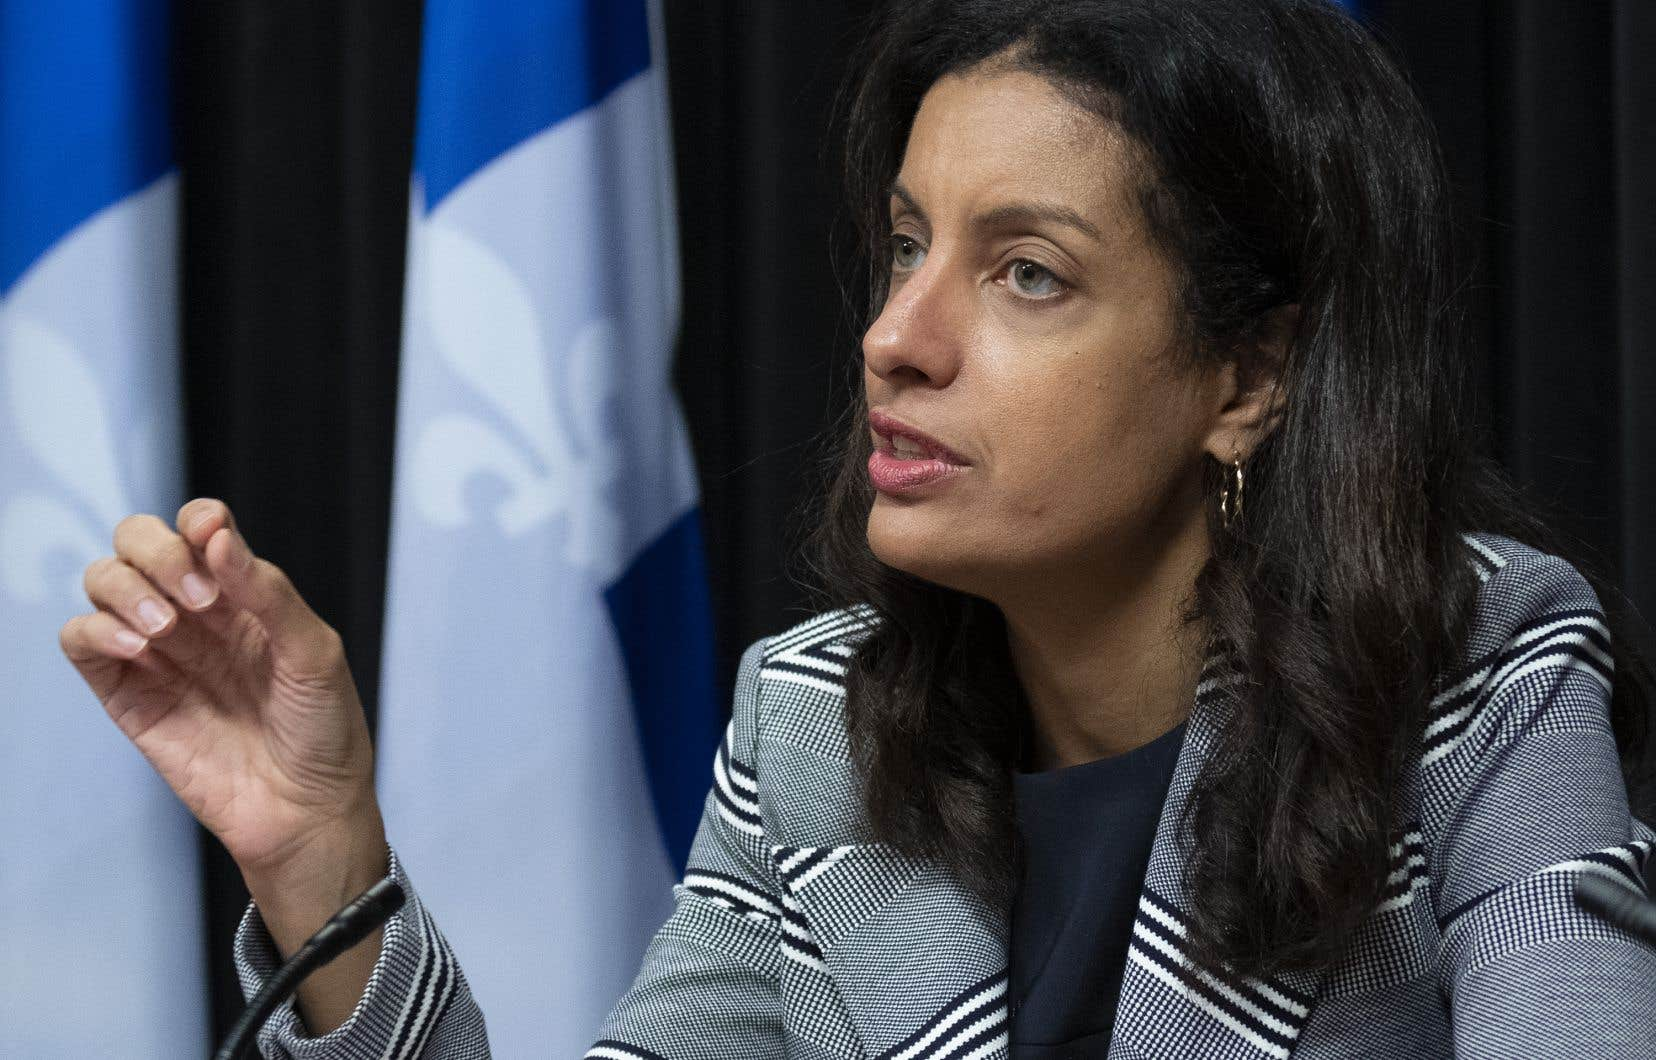 Le Québec n'est pas une île, a martelé en point de presse la cheffe du PLQ, Dominique Anglade, qui accuse François Legault d'avoir ignoré les nombreux signaux d'alarme.